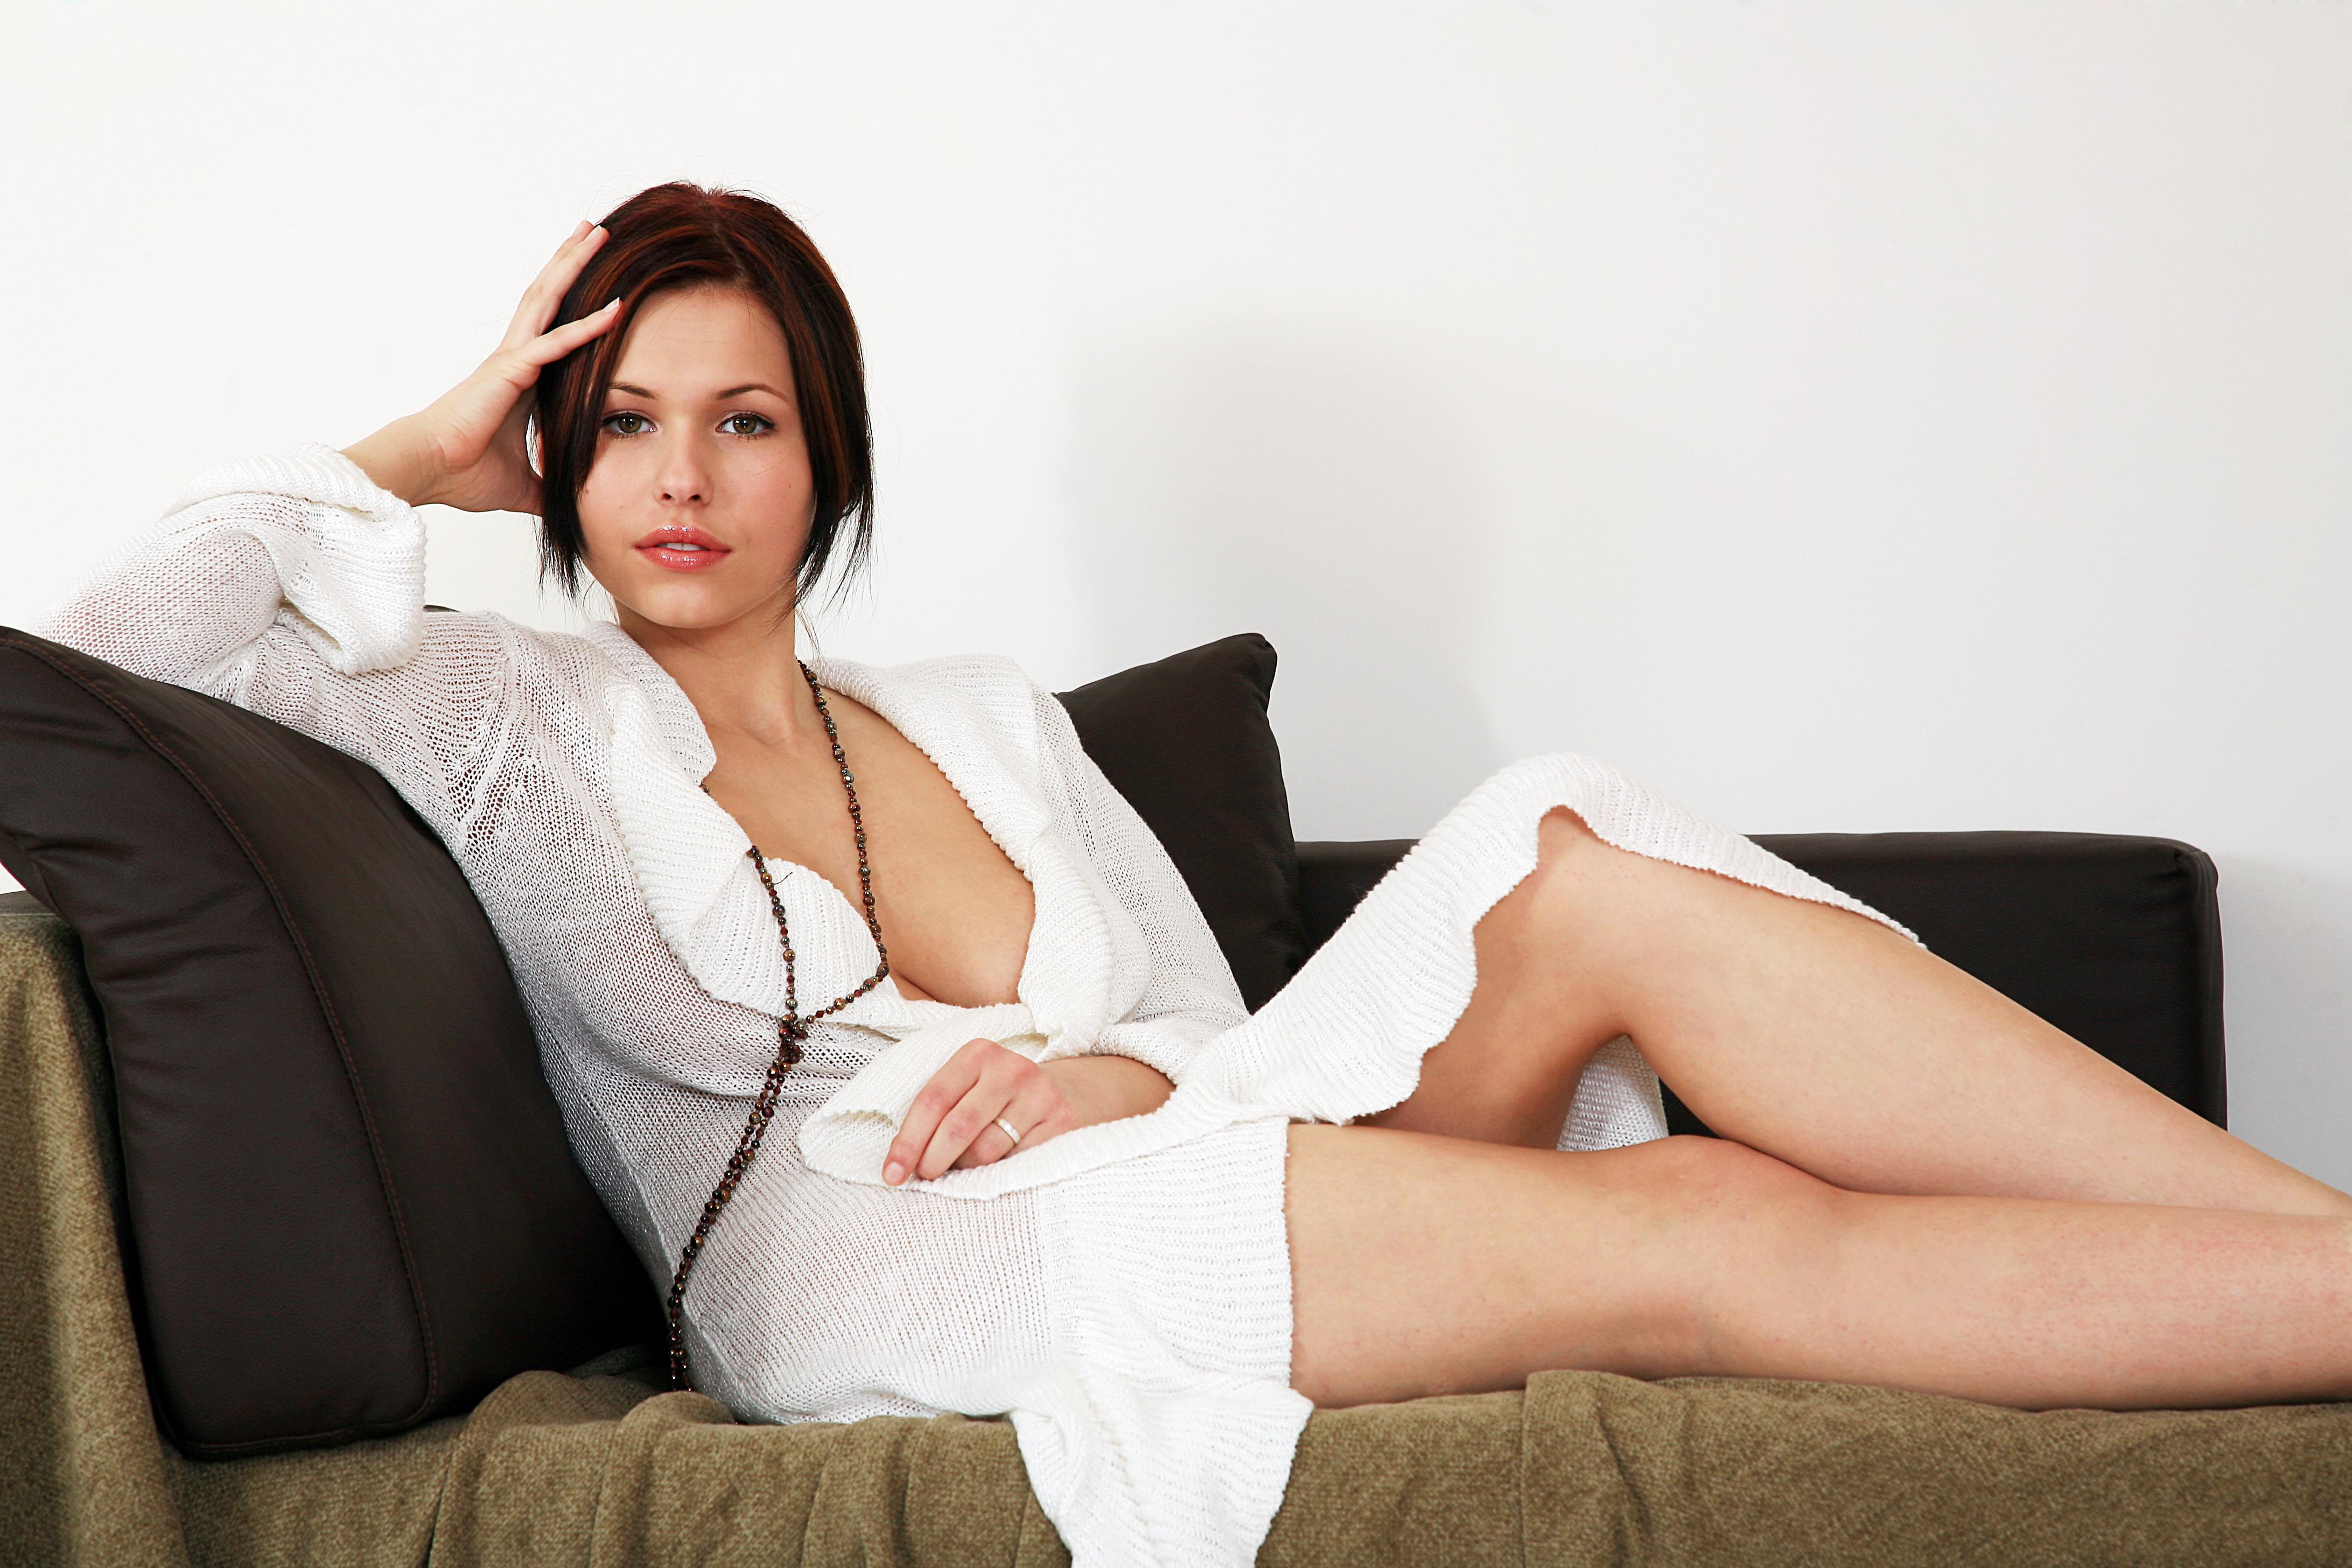 Экспрессивная девушка снимает халат и показывает киску  638766